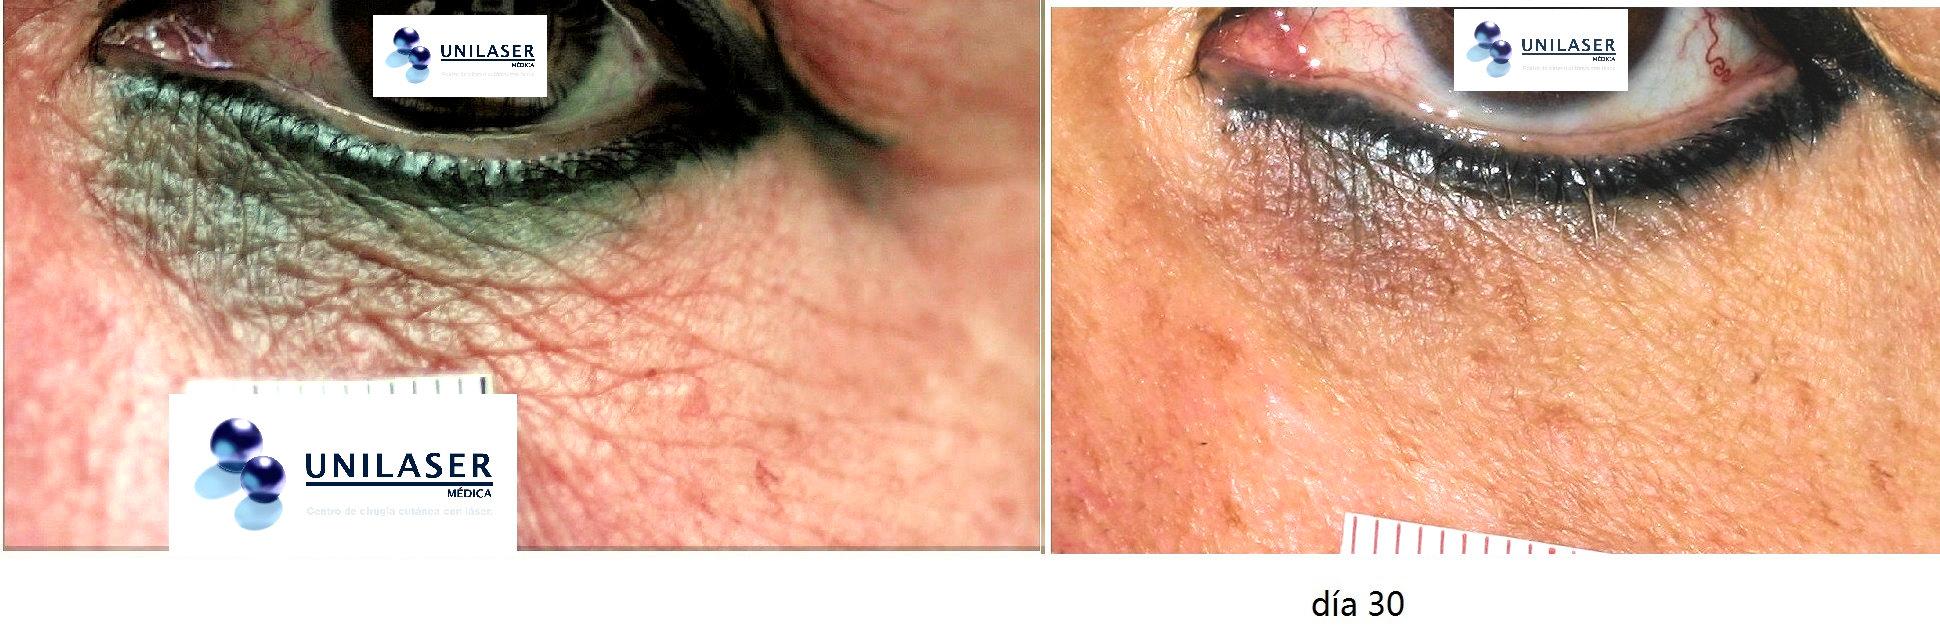 Tratamiento con láser de escurrimiento de tinta provocado por tatuaje cosmético